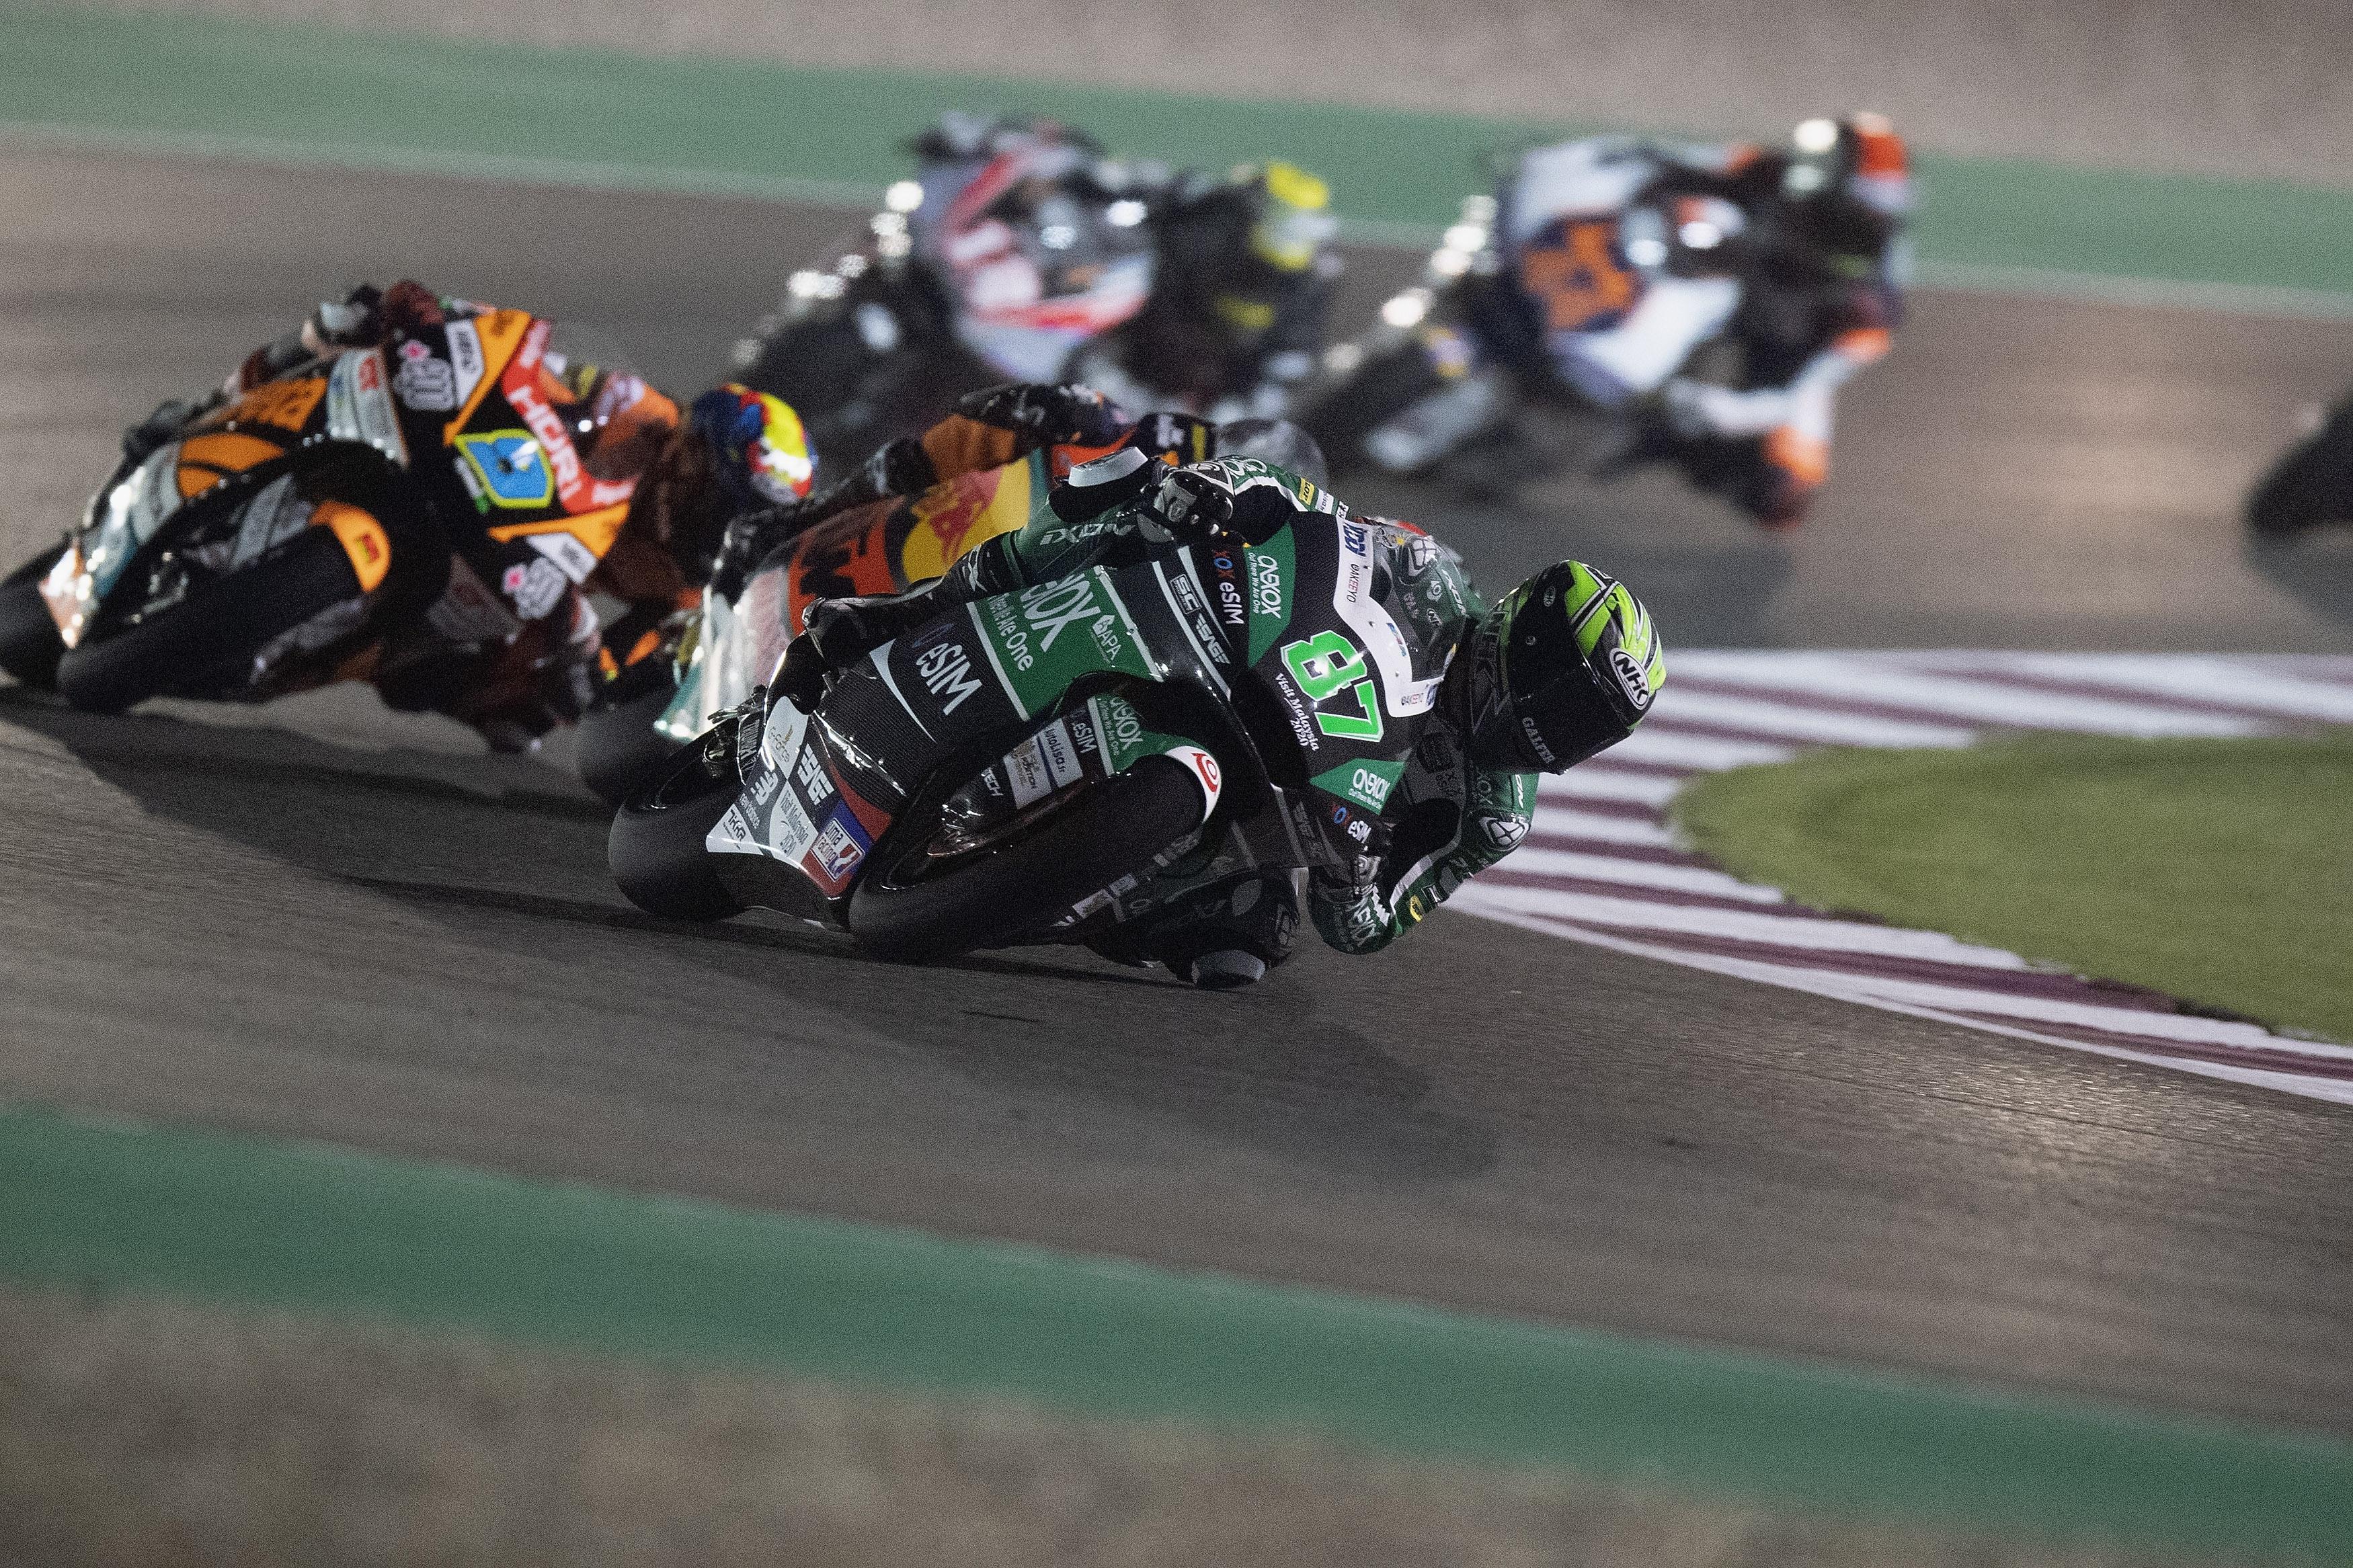 Собствениците MotoGP обявиха официално, че ще подкрепят финансово частните отбори